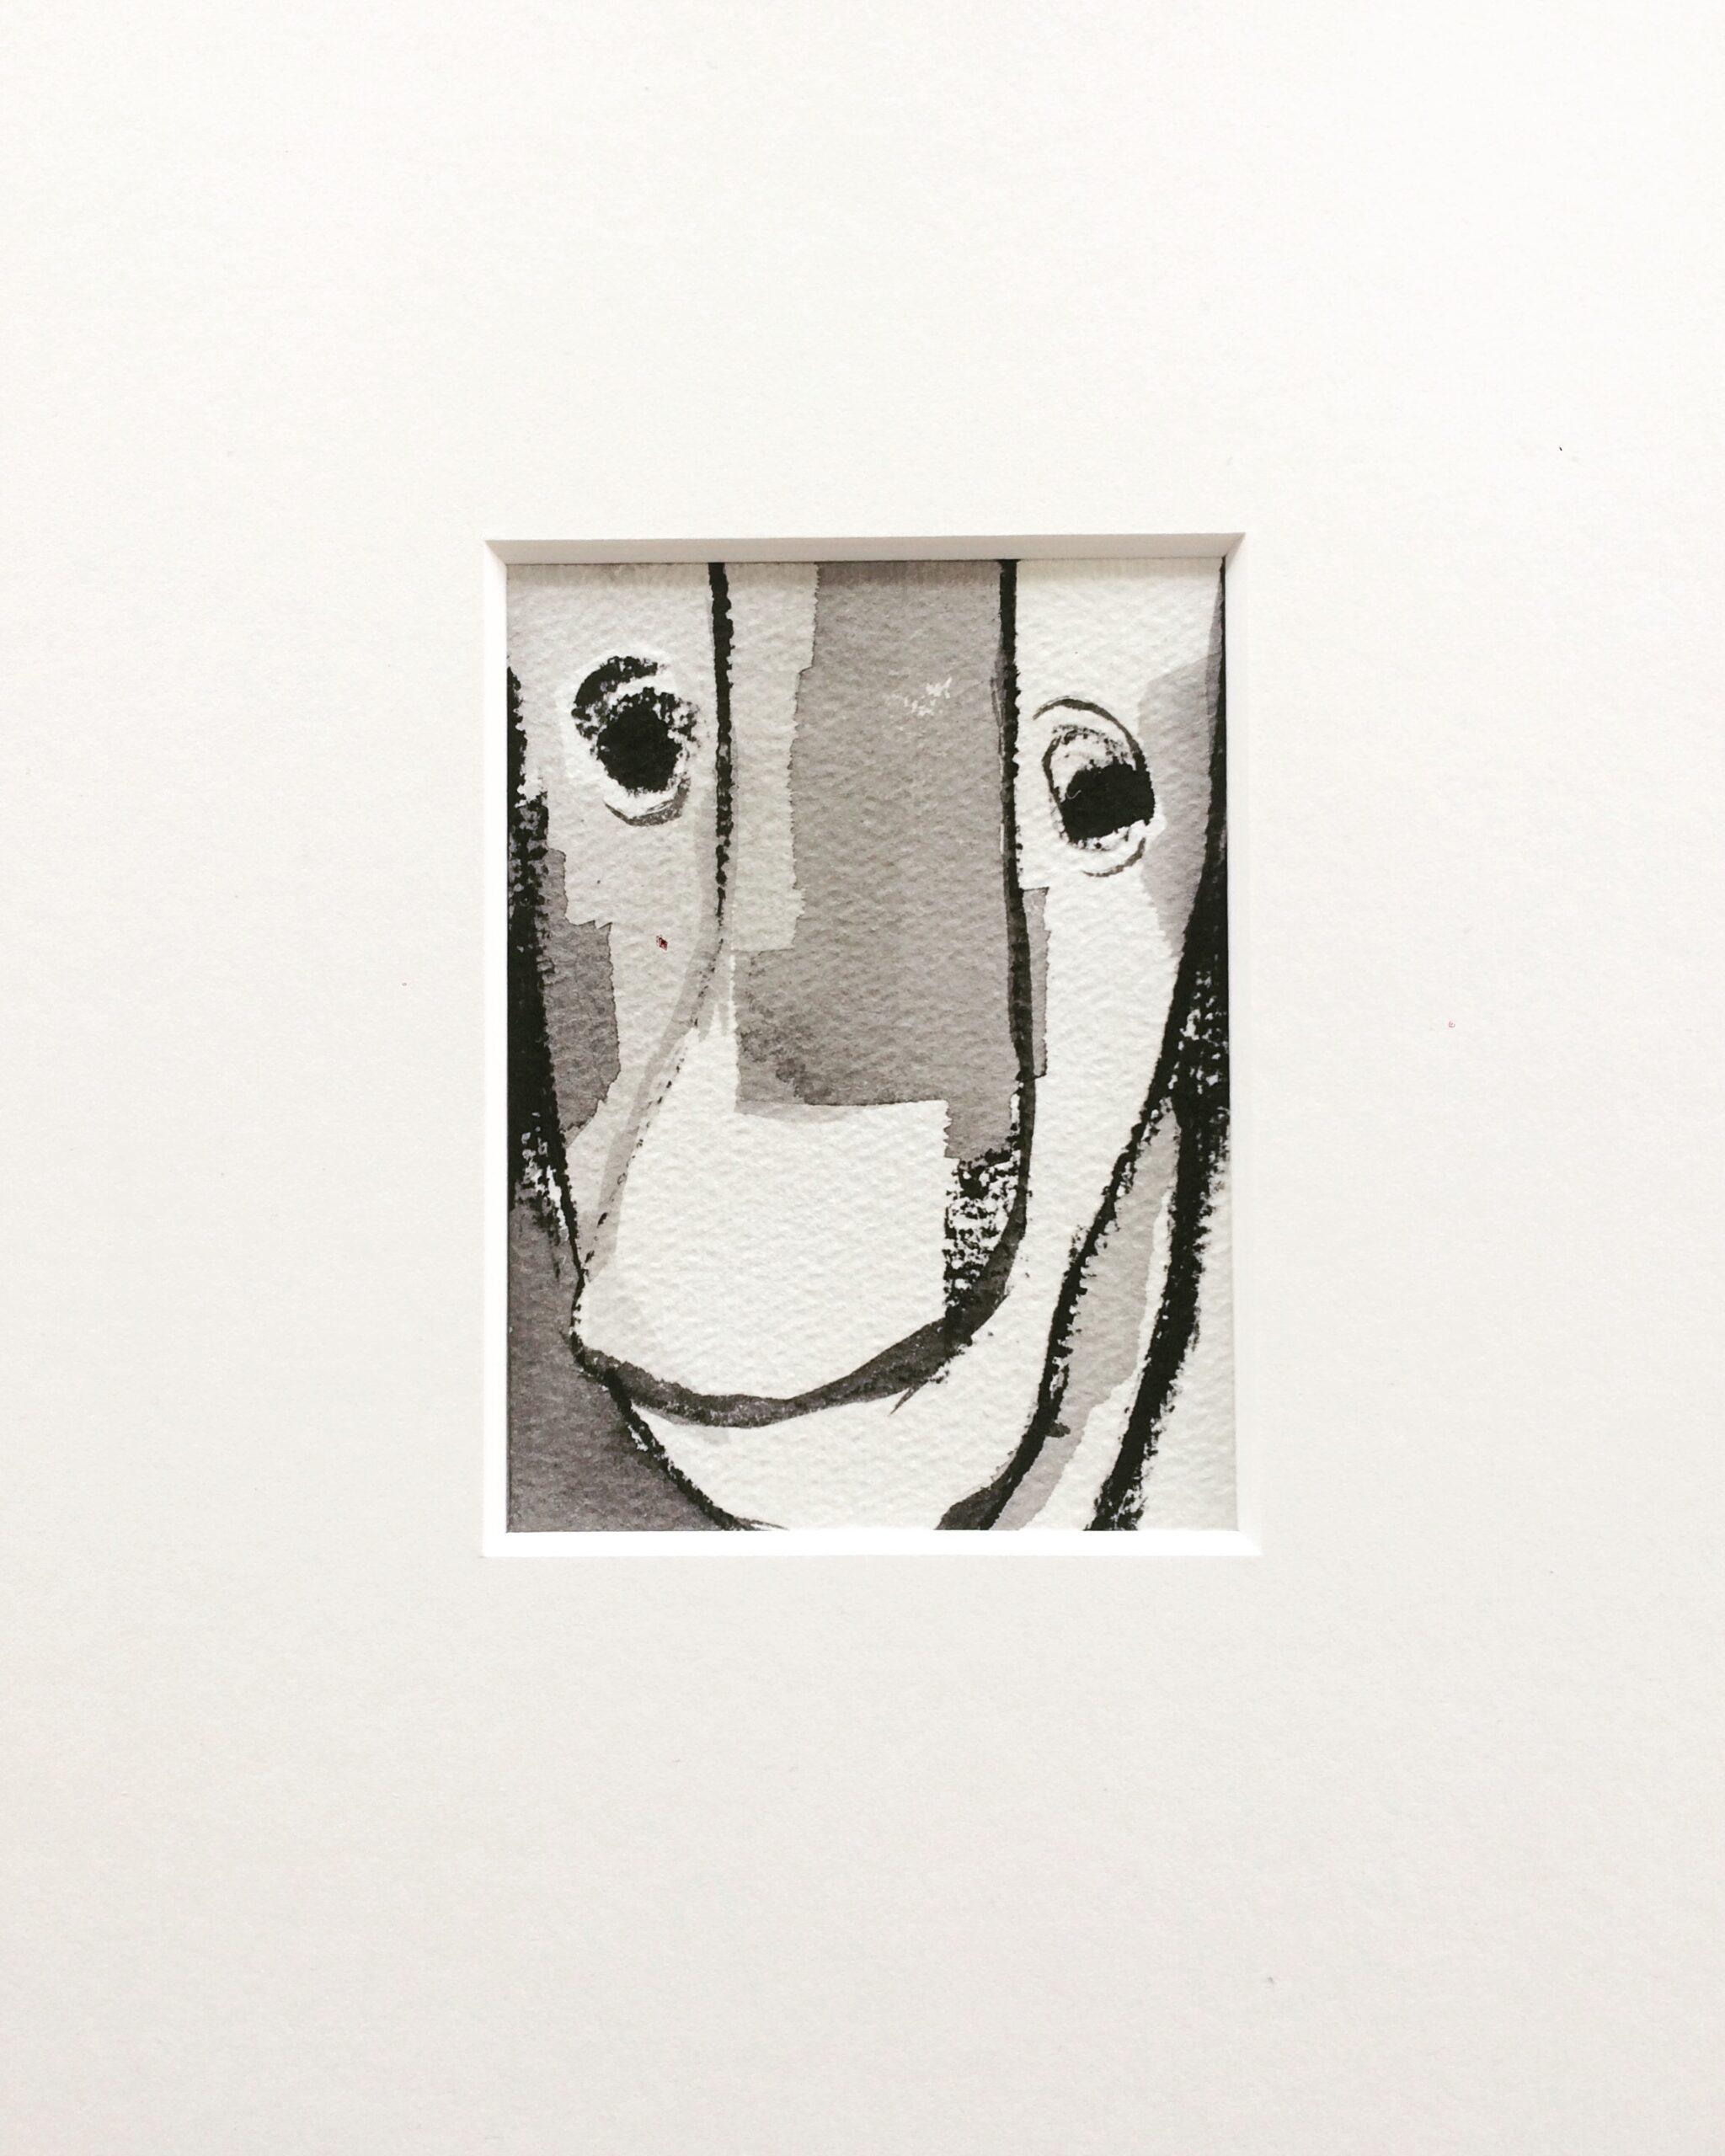 Panda_Illustration_AnitaHunke